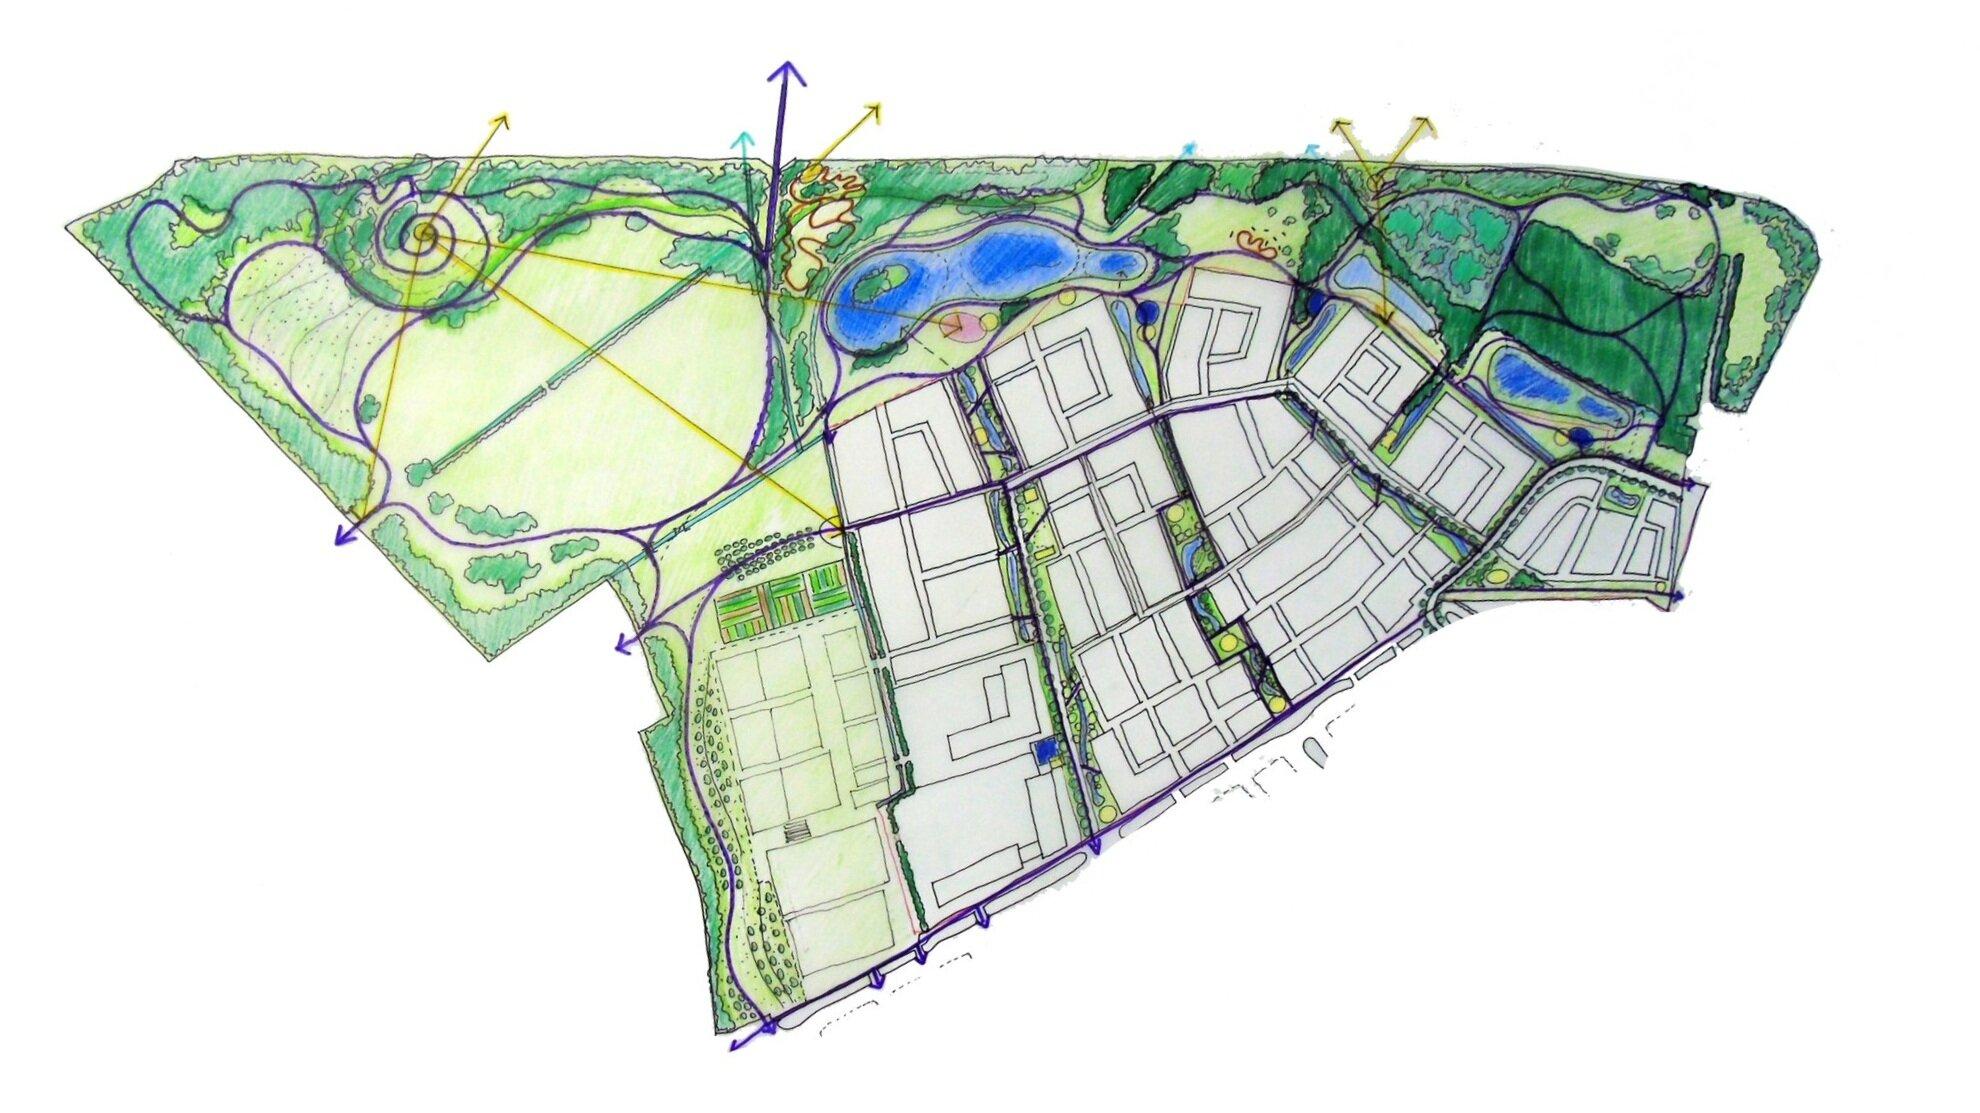 Emerging Landscaping Plan